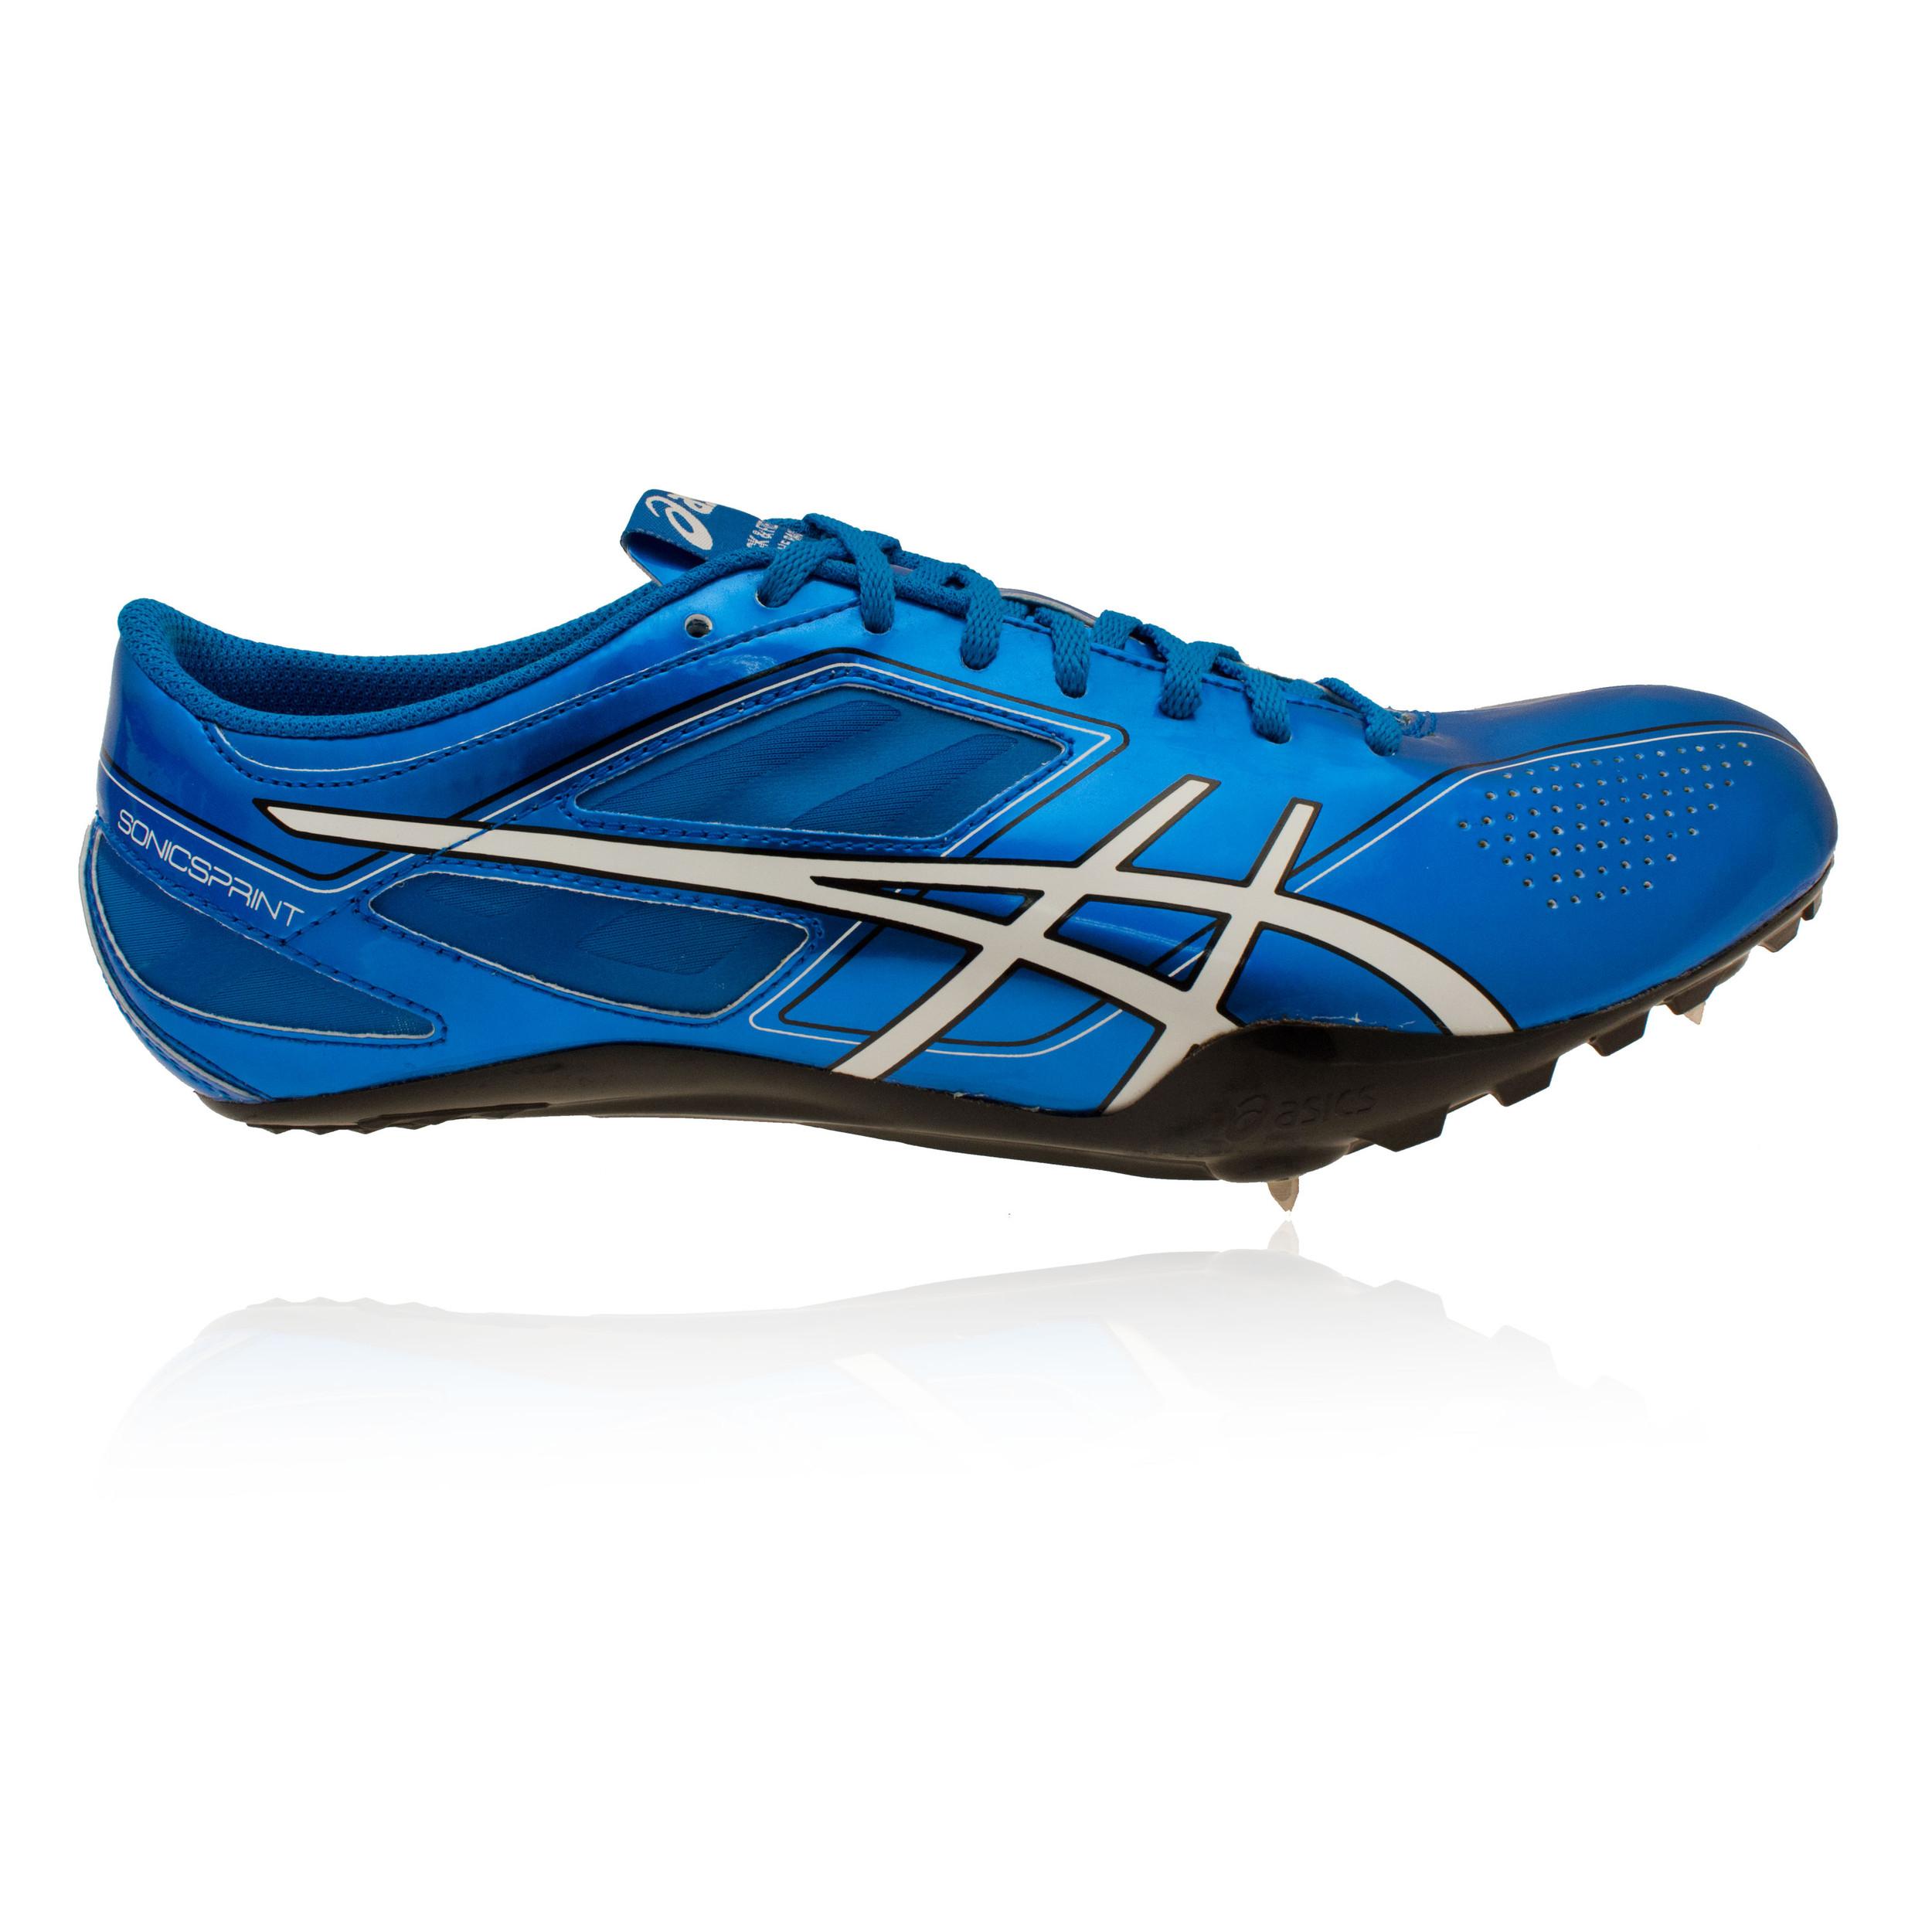 asics sonicsprint mens blue running field spikes athletics